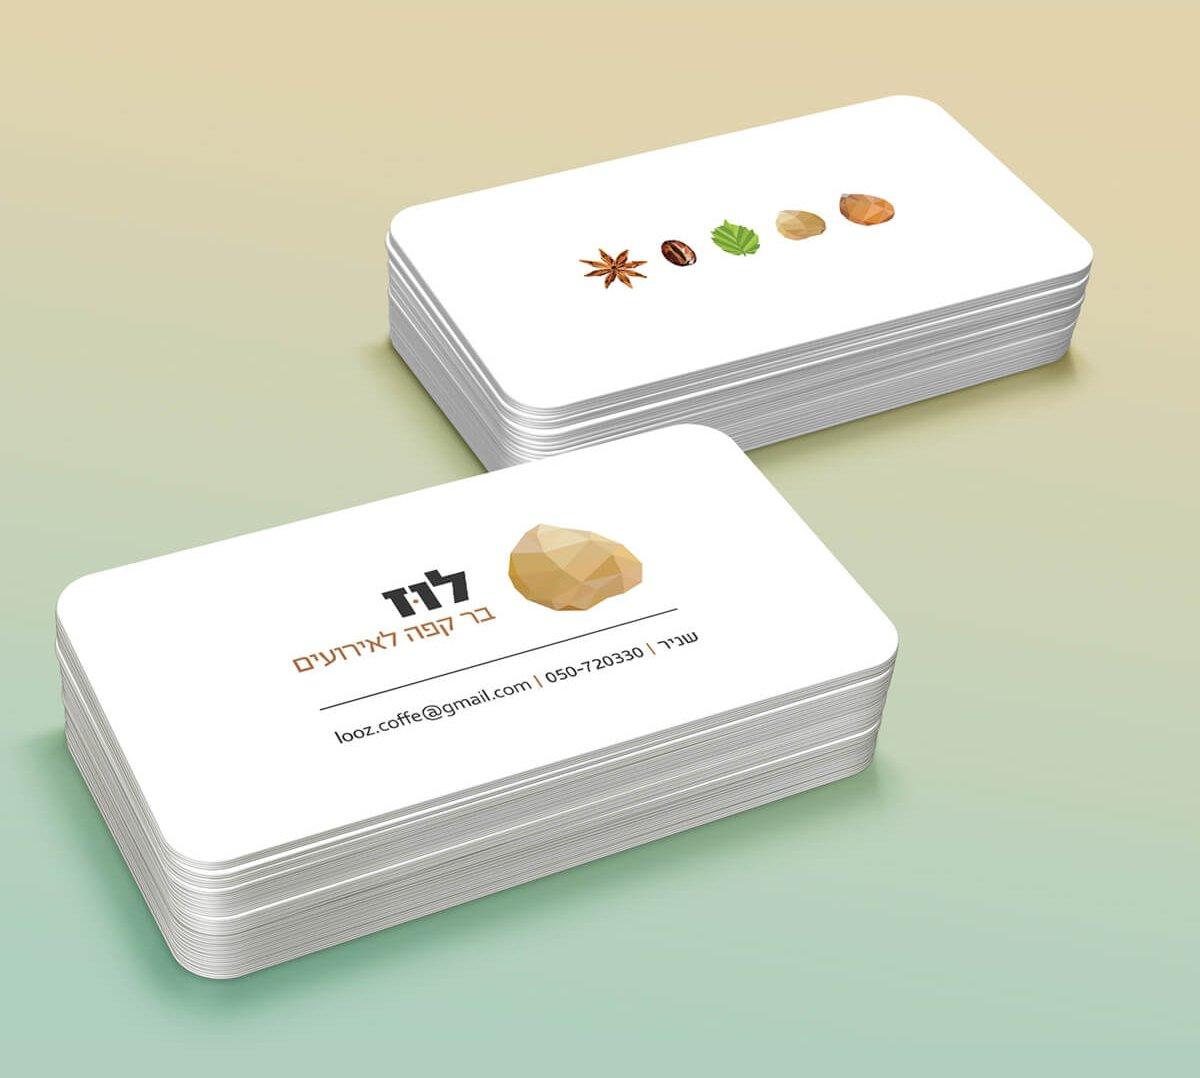 עיצוב כרטיסי ביקור לוז בר קפה לאירועים שניר כהן קייטרינג מוצרלה | ליאור דקל ליבה